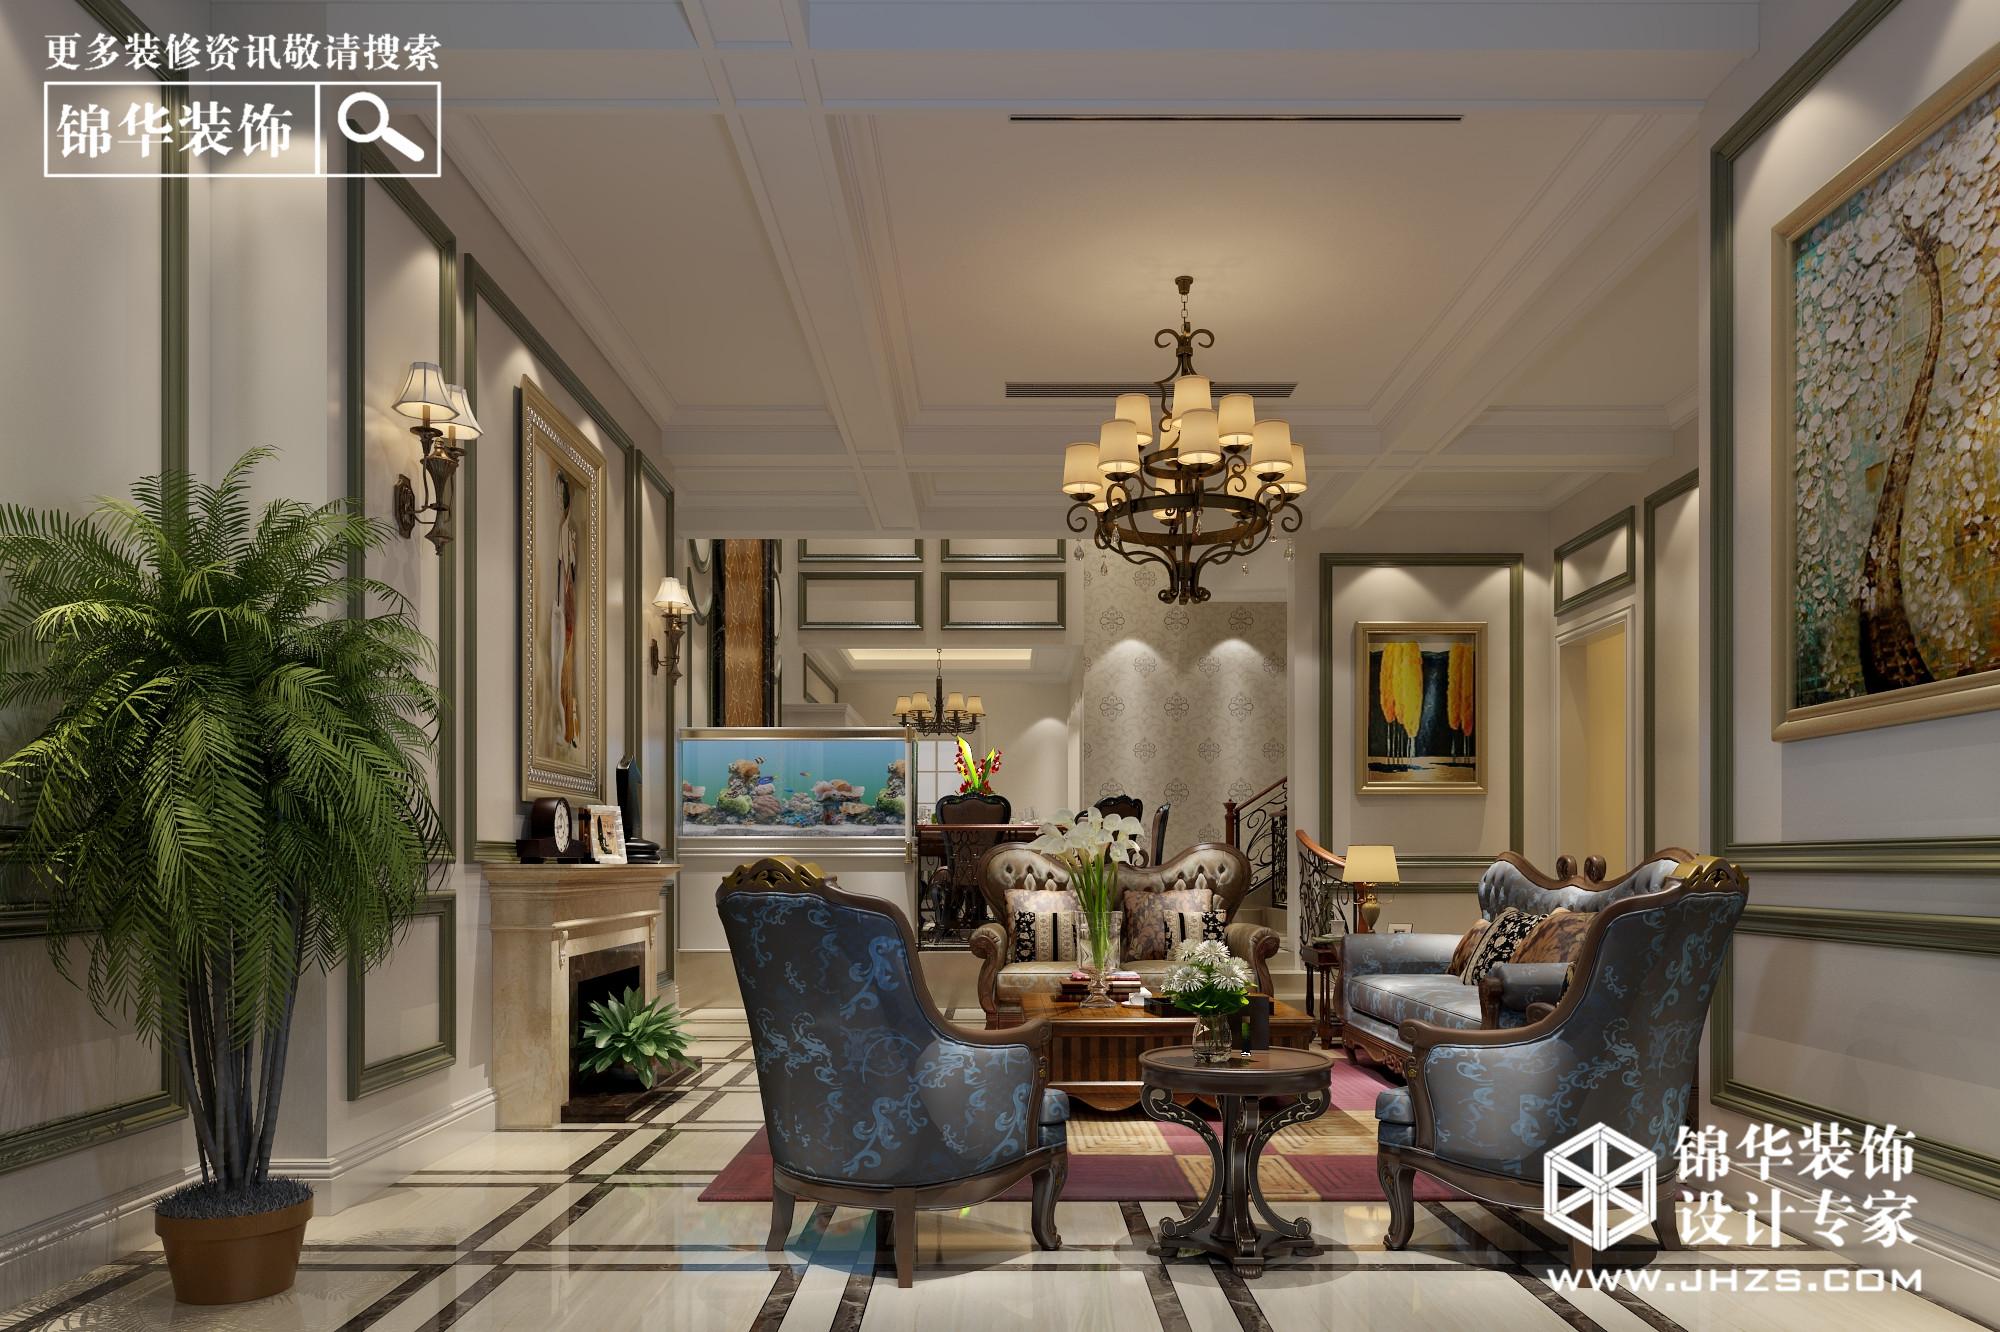 平方美式风格效果图装修-别墅图片大全-欧式古典风格